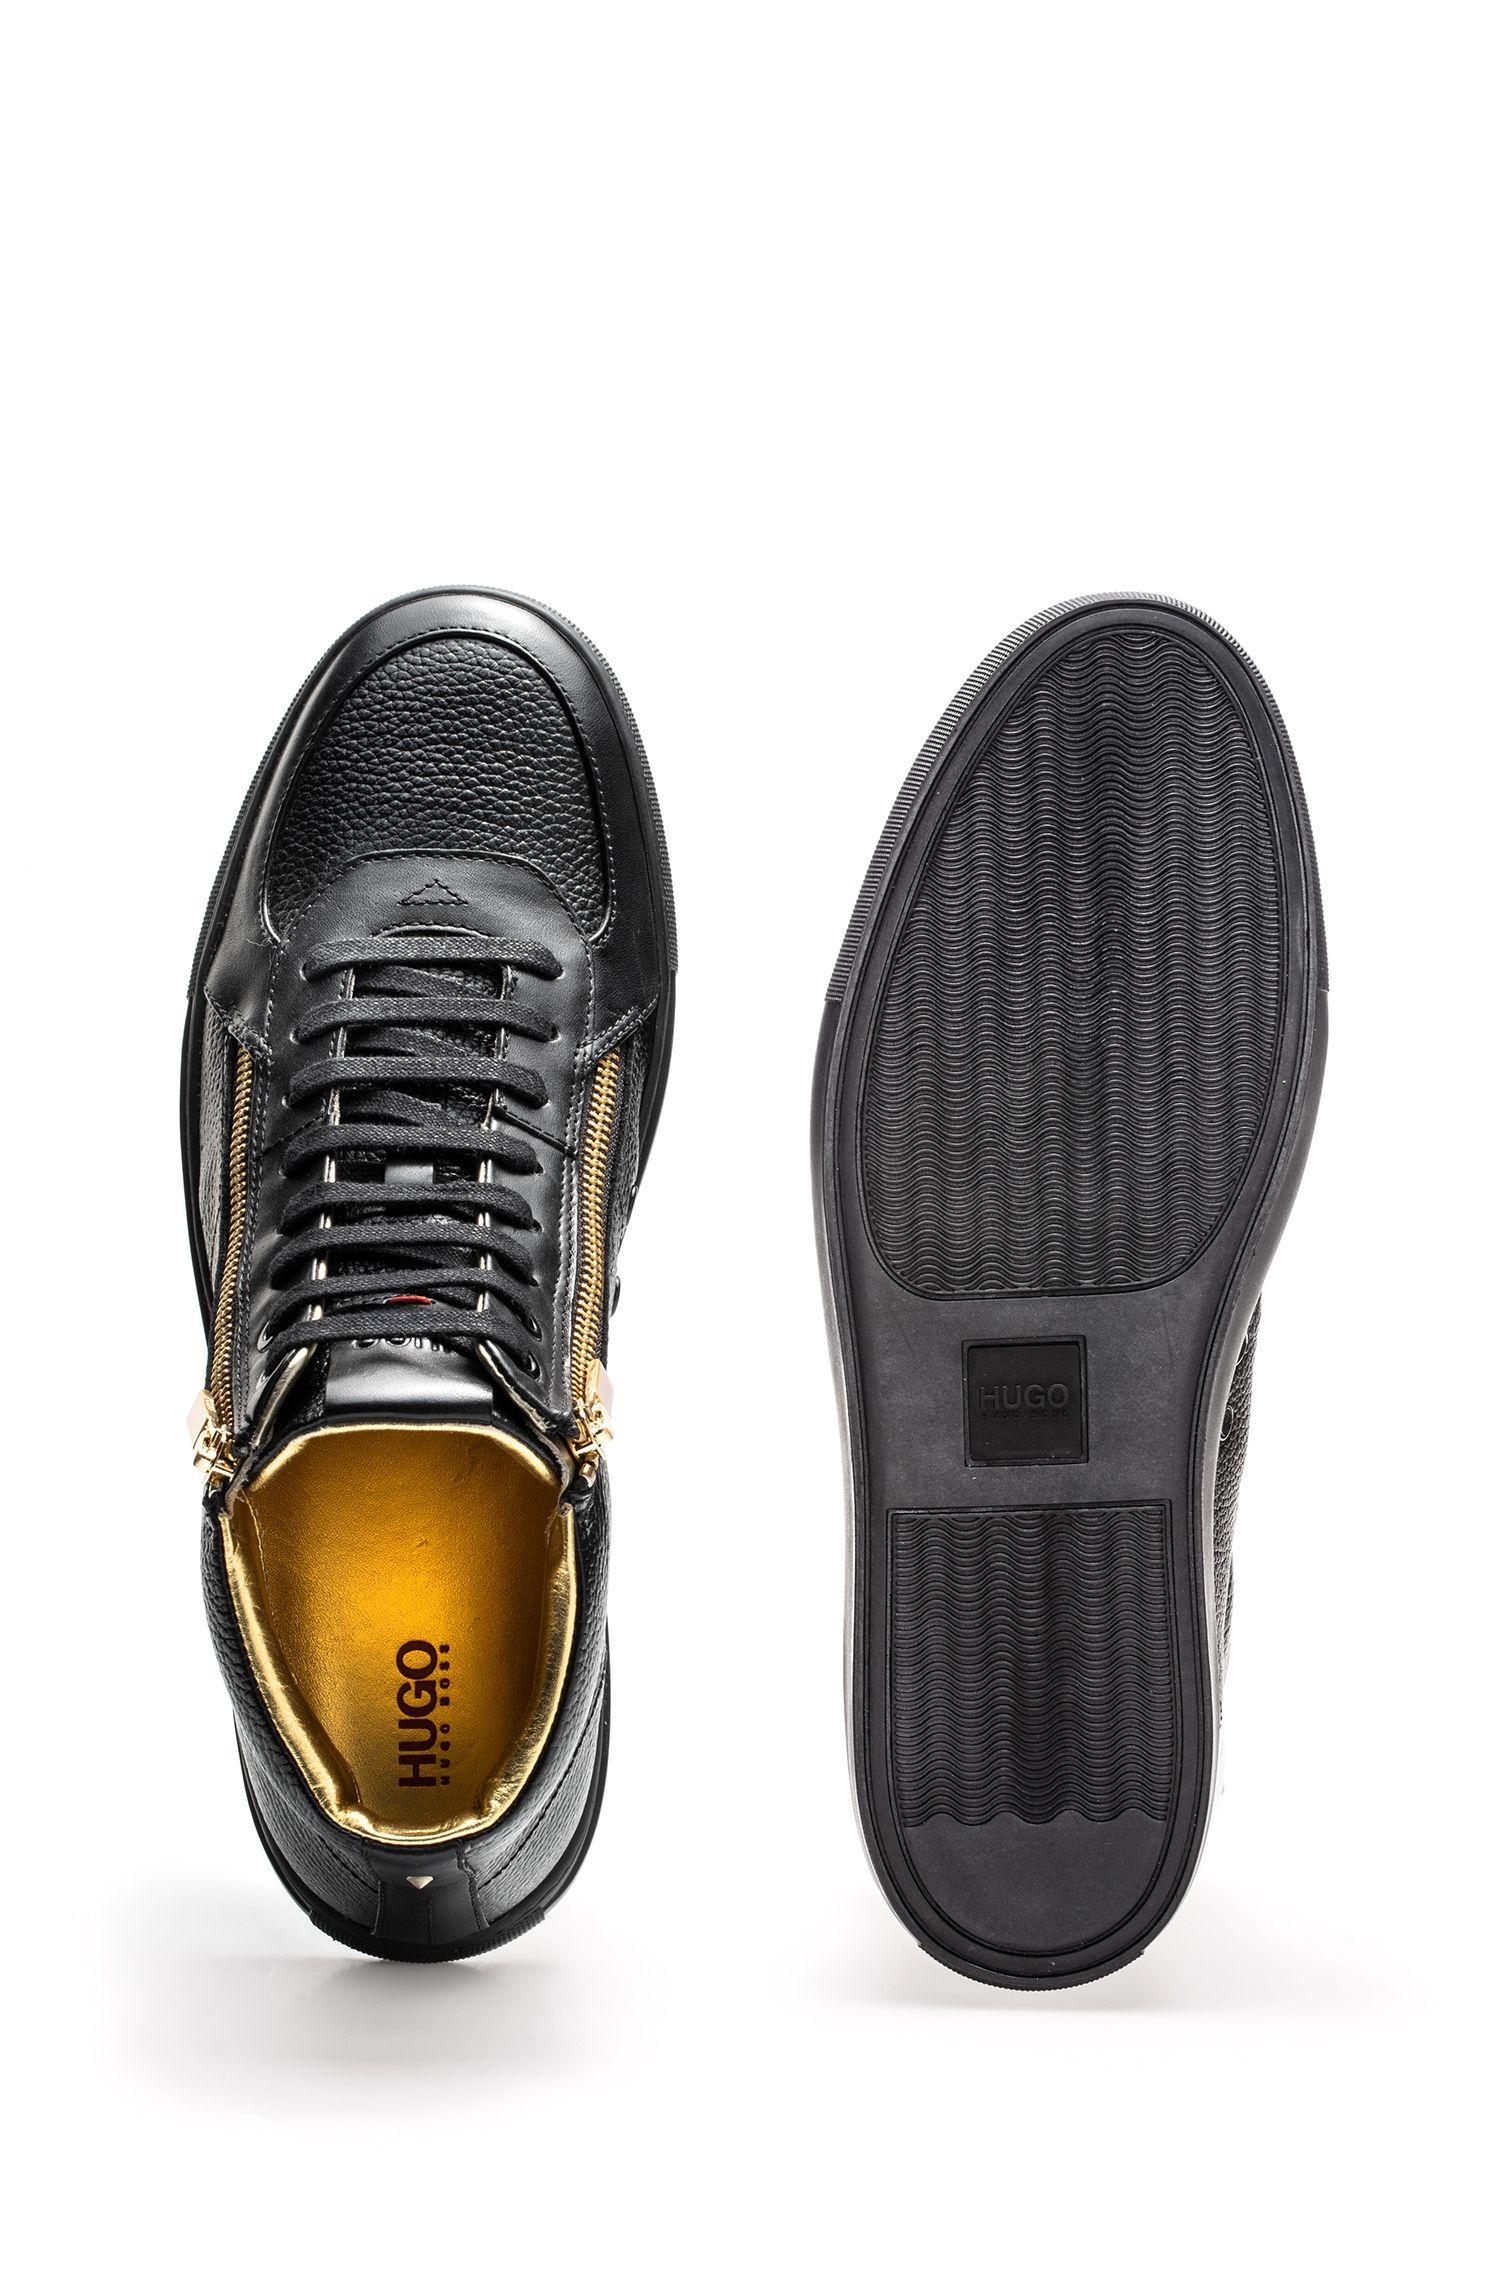 Sneakers high-top in pelle nappa e pelle martellata con doppia zip